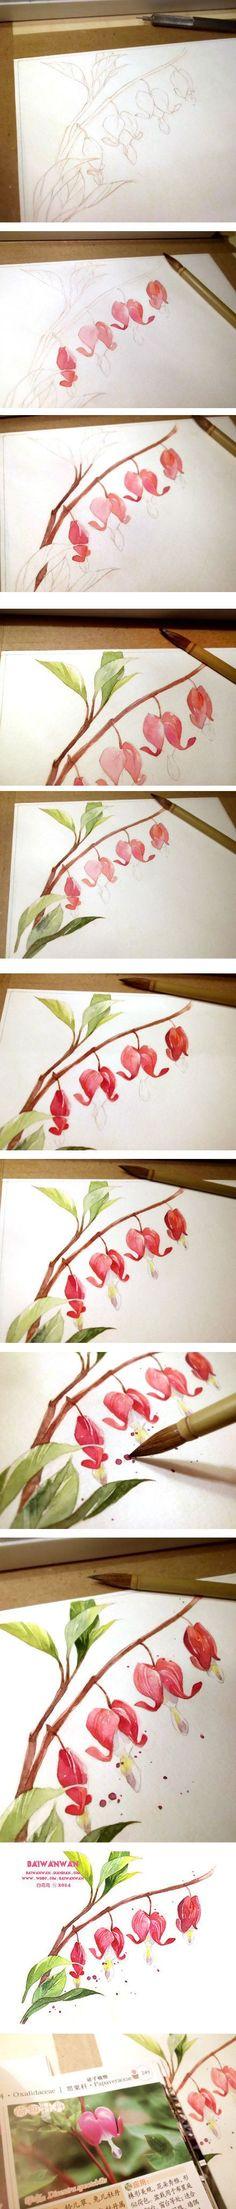 【绘画教程】荷包牡丹-插画家园-插画家园原创水彩插画-插画家园【小白的花花世界——第四辑】-1-插画家园